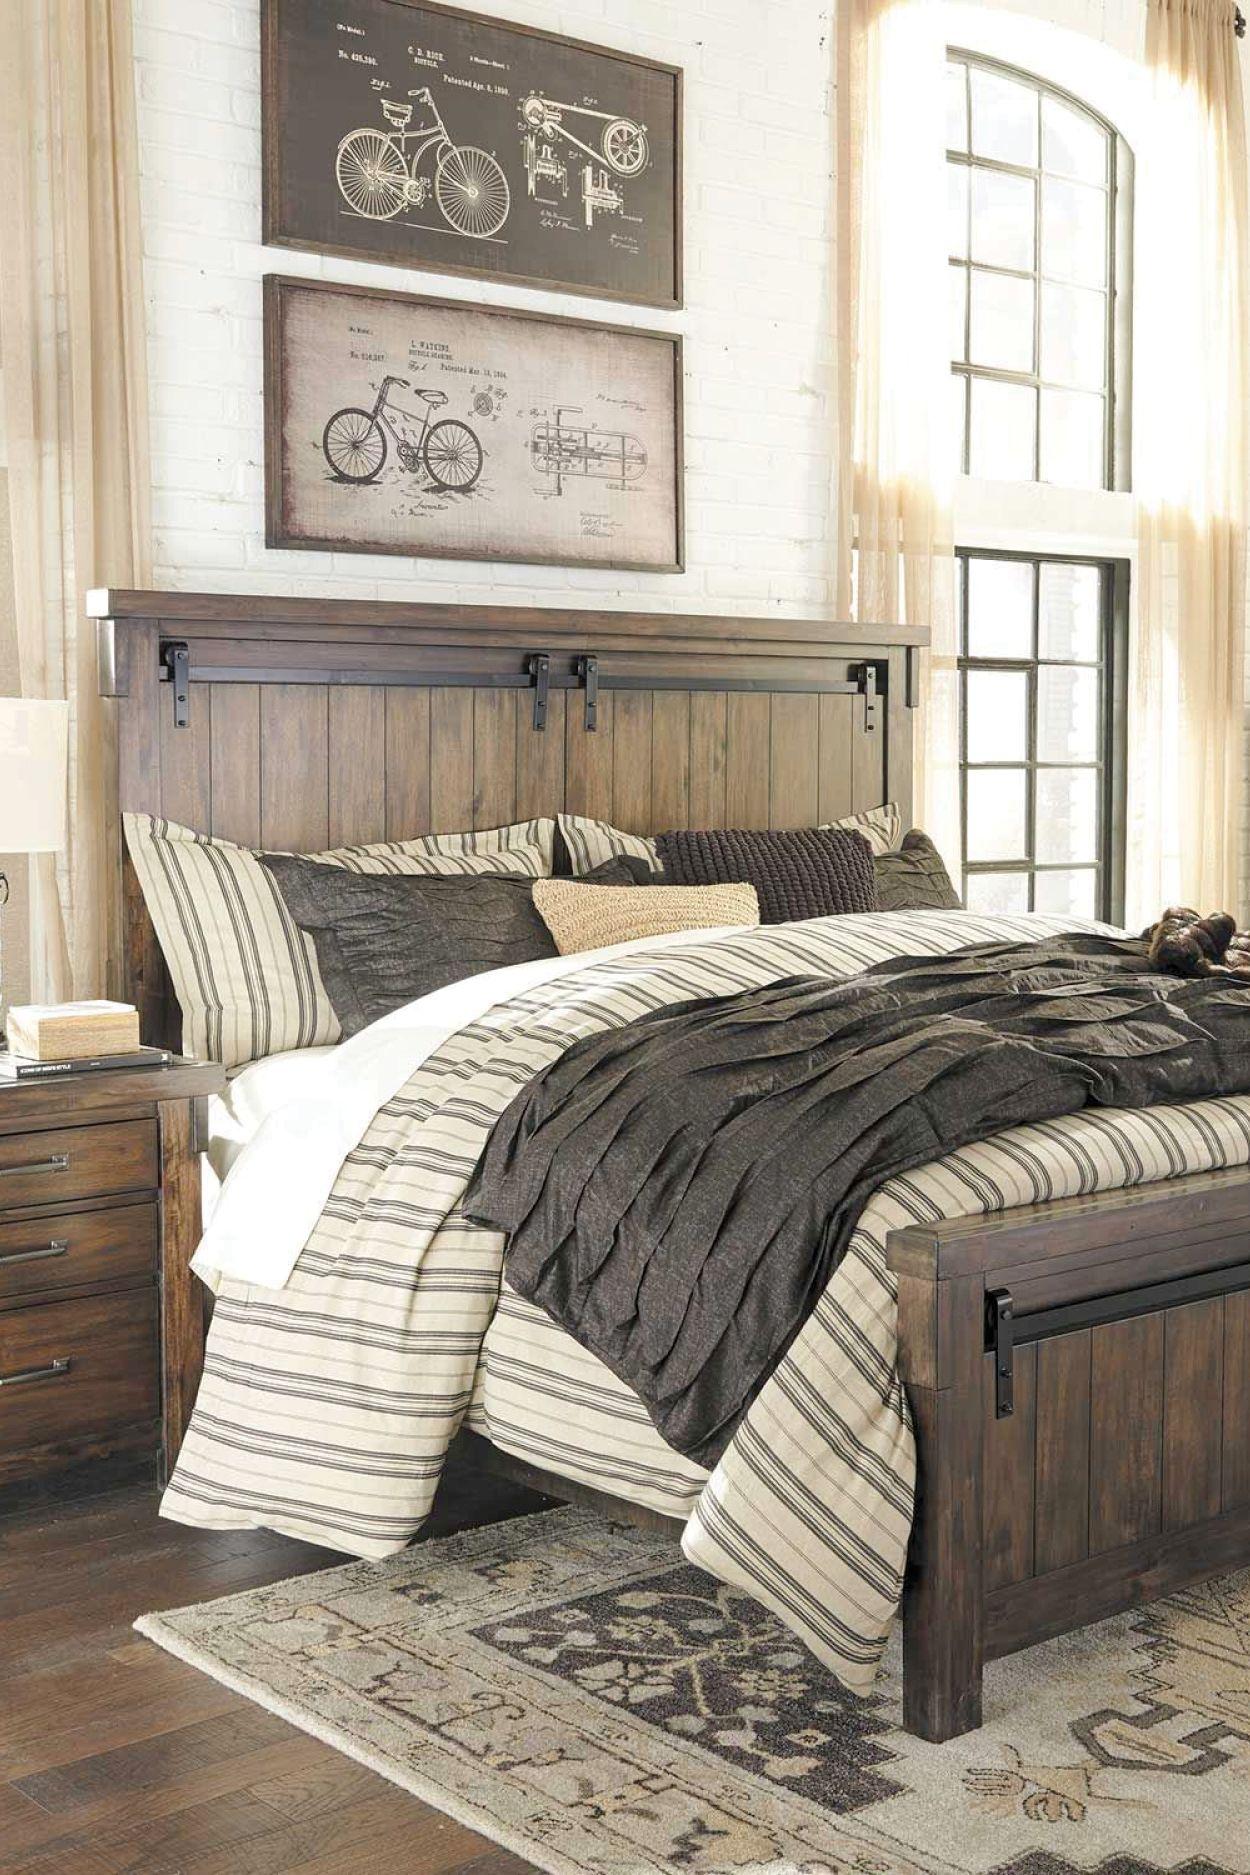 Lakeleigh 5 Piece Bedroom Set Rustic bedroom furniture